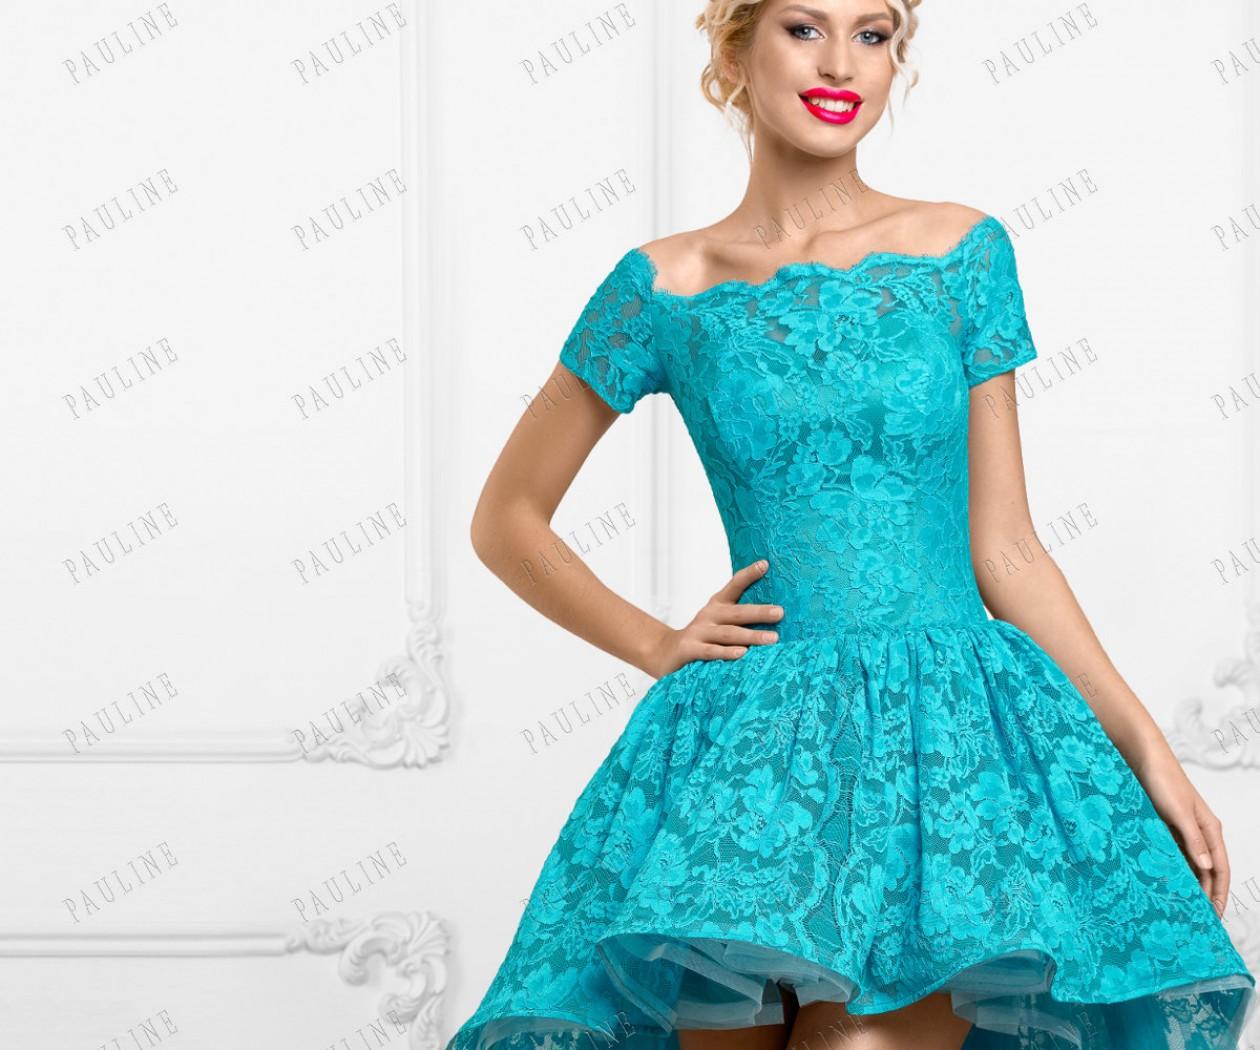 Кружевное бирюзовое платье короткое спереди БАРБЕРИ